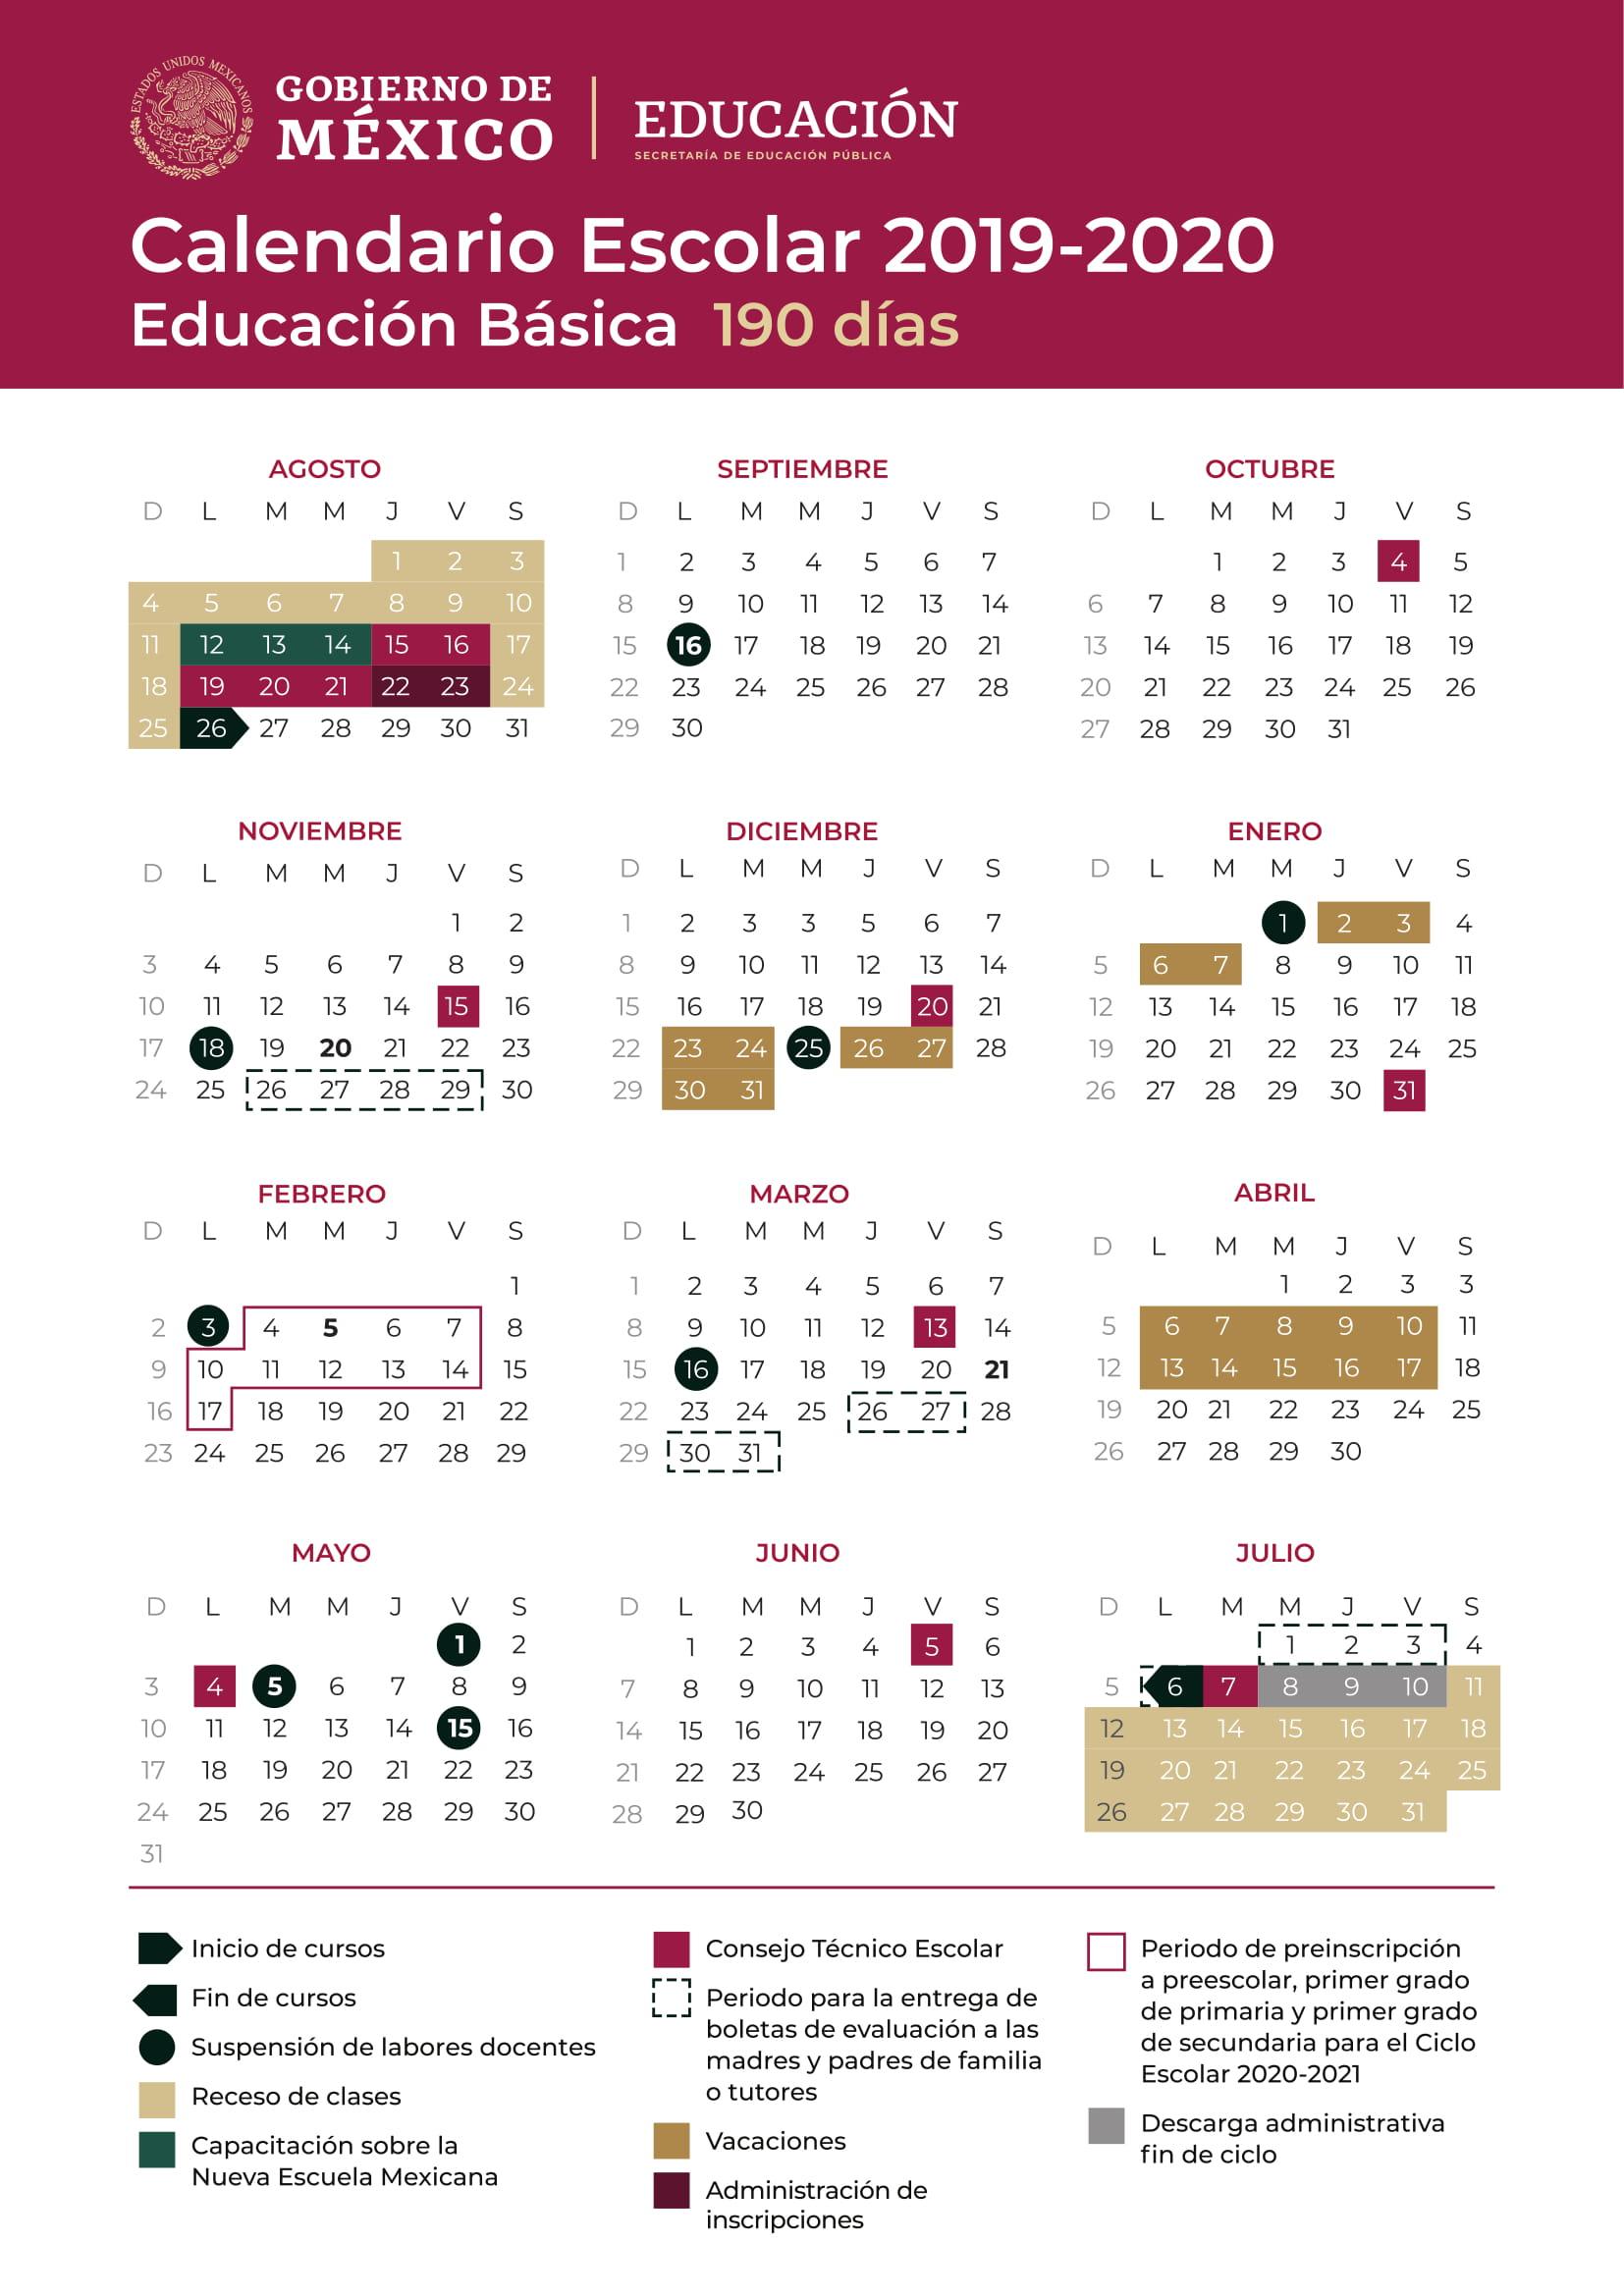 Calendario Escolar 2020 Aragon.Cuando Empiezan Las Vacaciones De Verano 2019 En Mexico